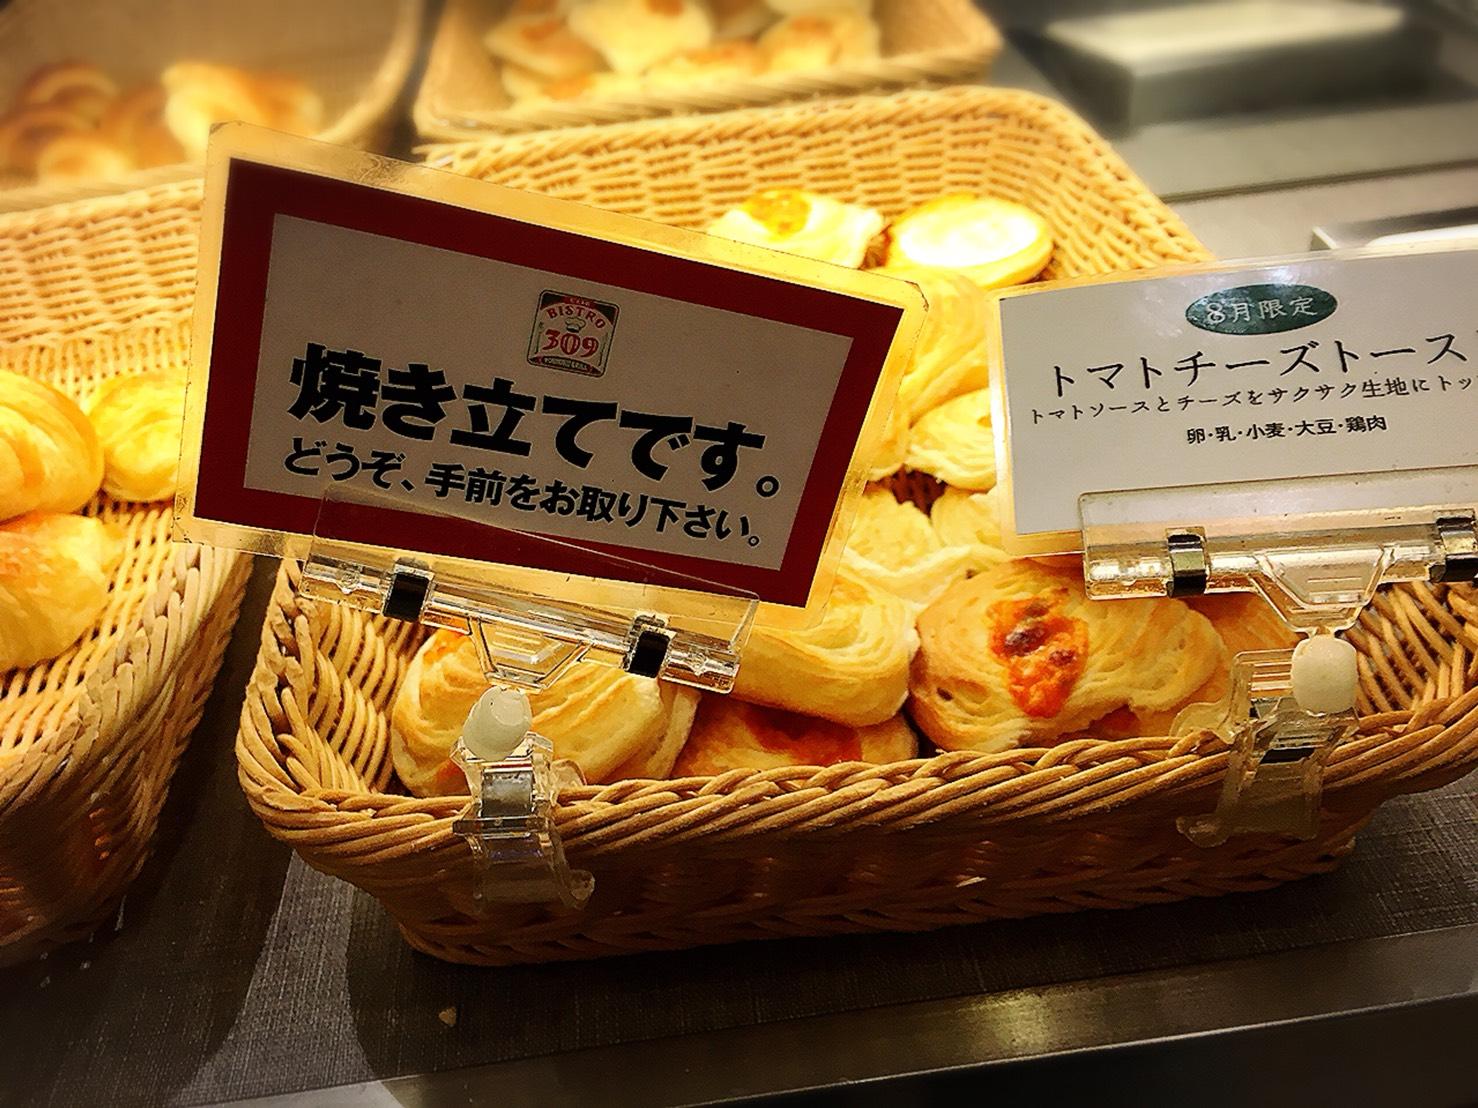 【池袋駅】自家製パン食べ放題とグリルで満腹「ビストロ309」ファミリー・女性に人気高め!